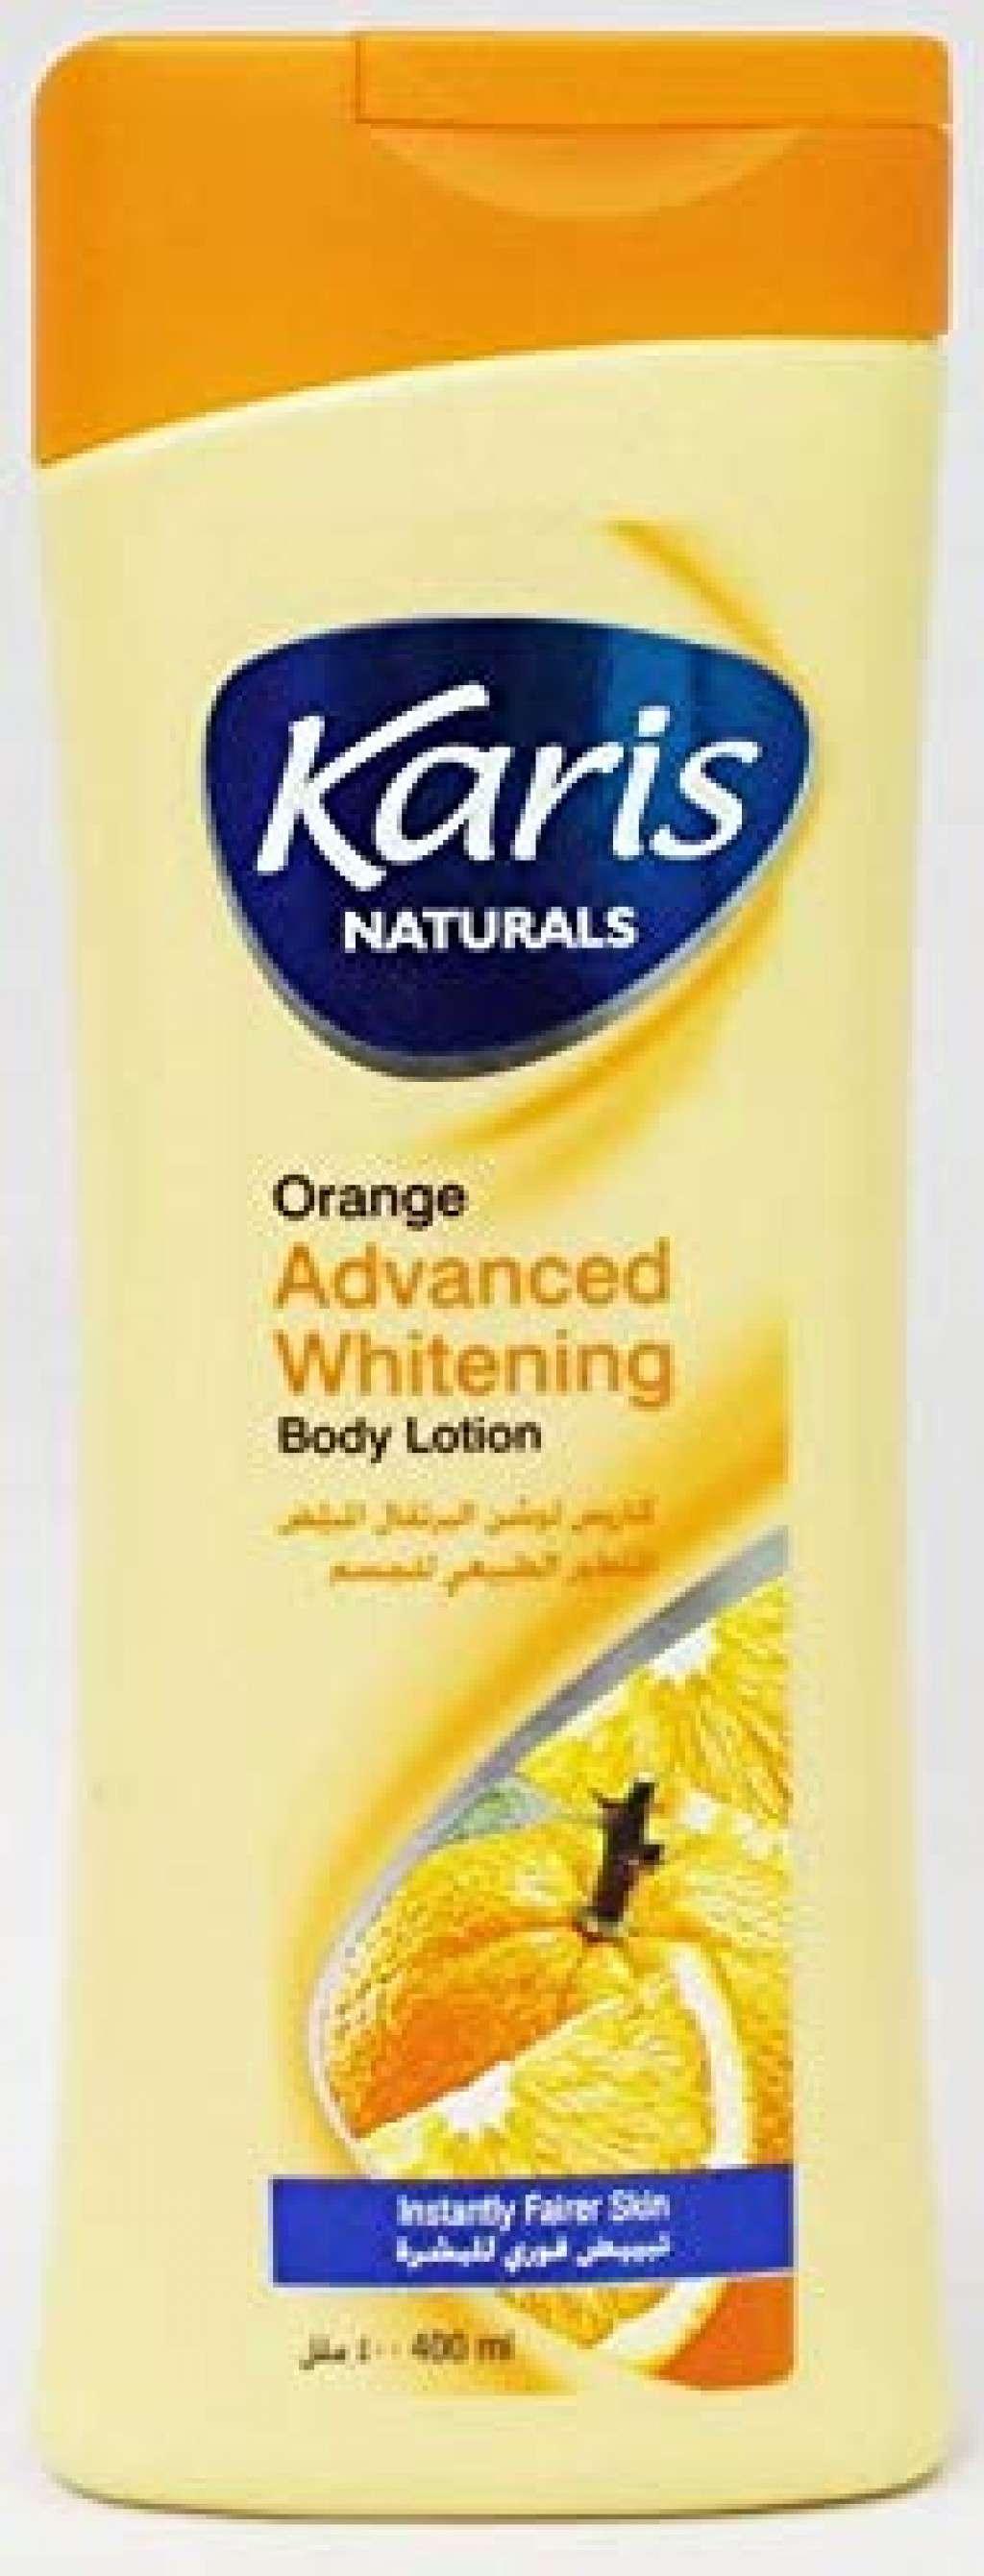 لوشن البرتقال المبيض المتطور الطبيعي للجسم - كاريس